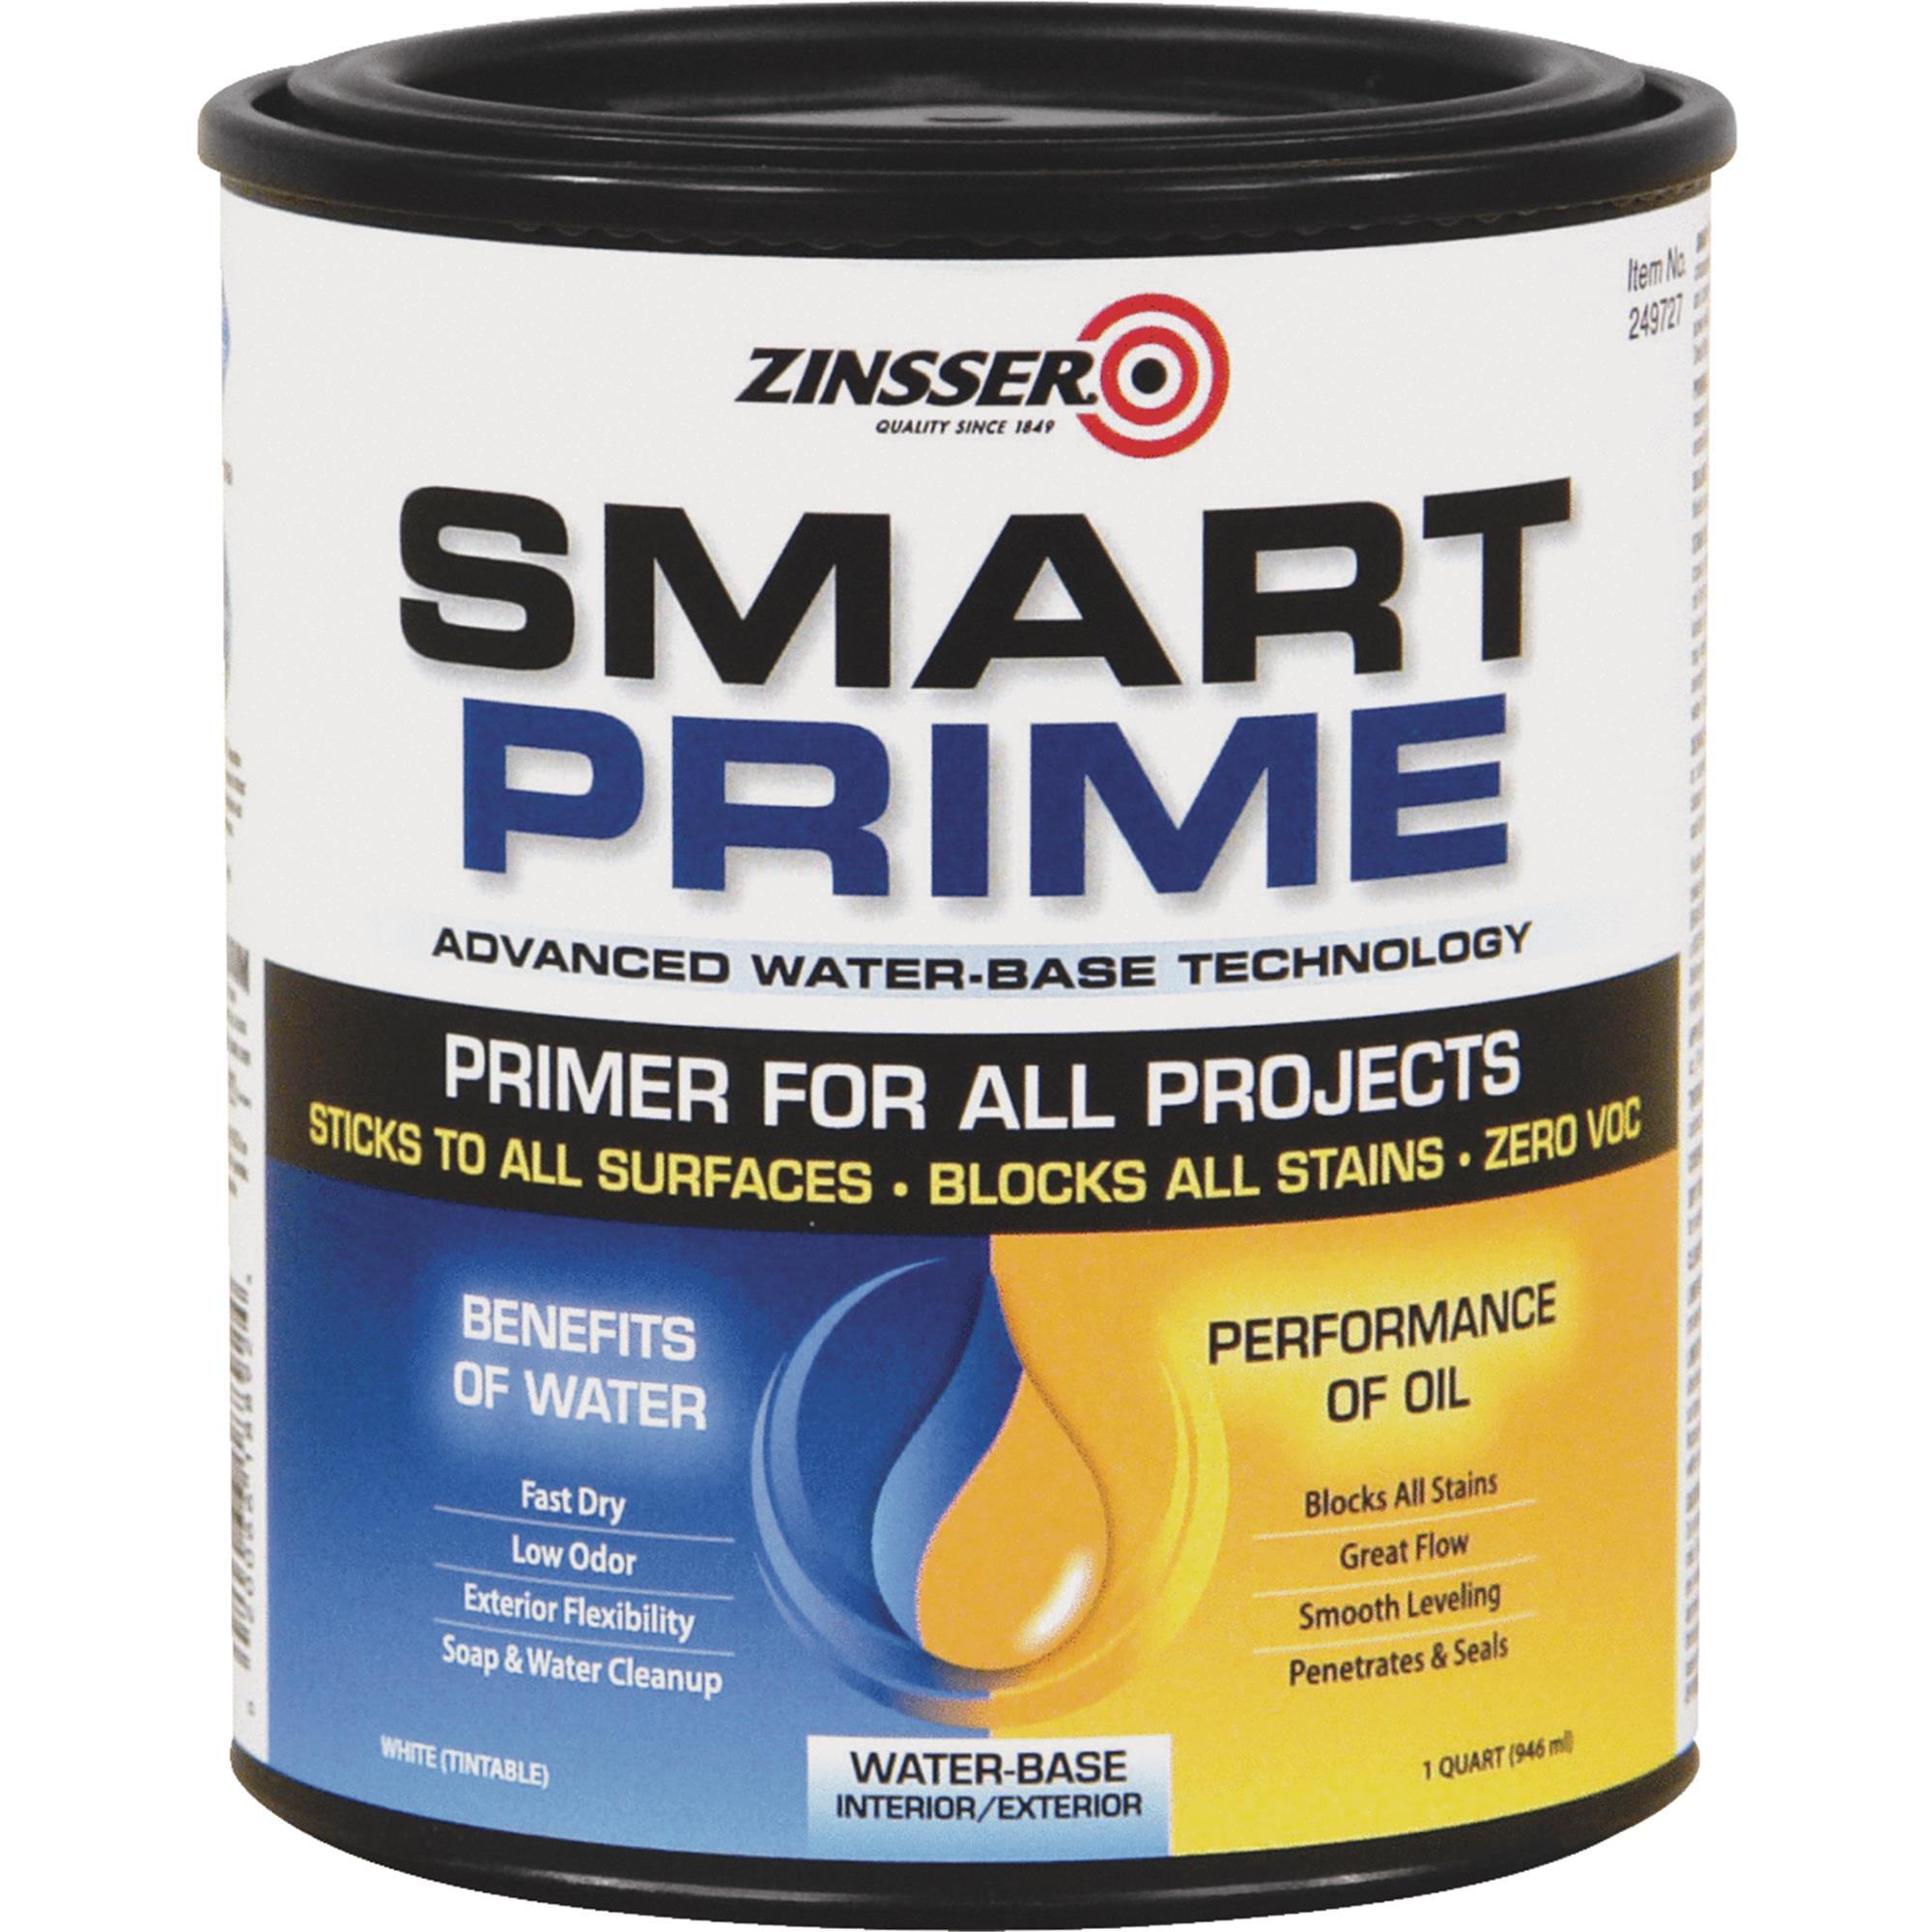 Zinsser Smart Prime Water-Base Interior/Exterior Stain Blocking Primer